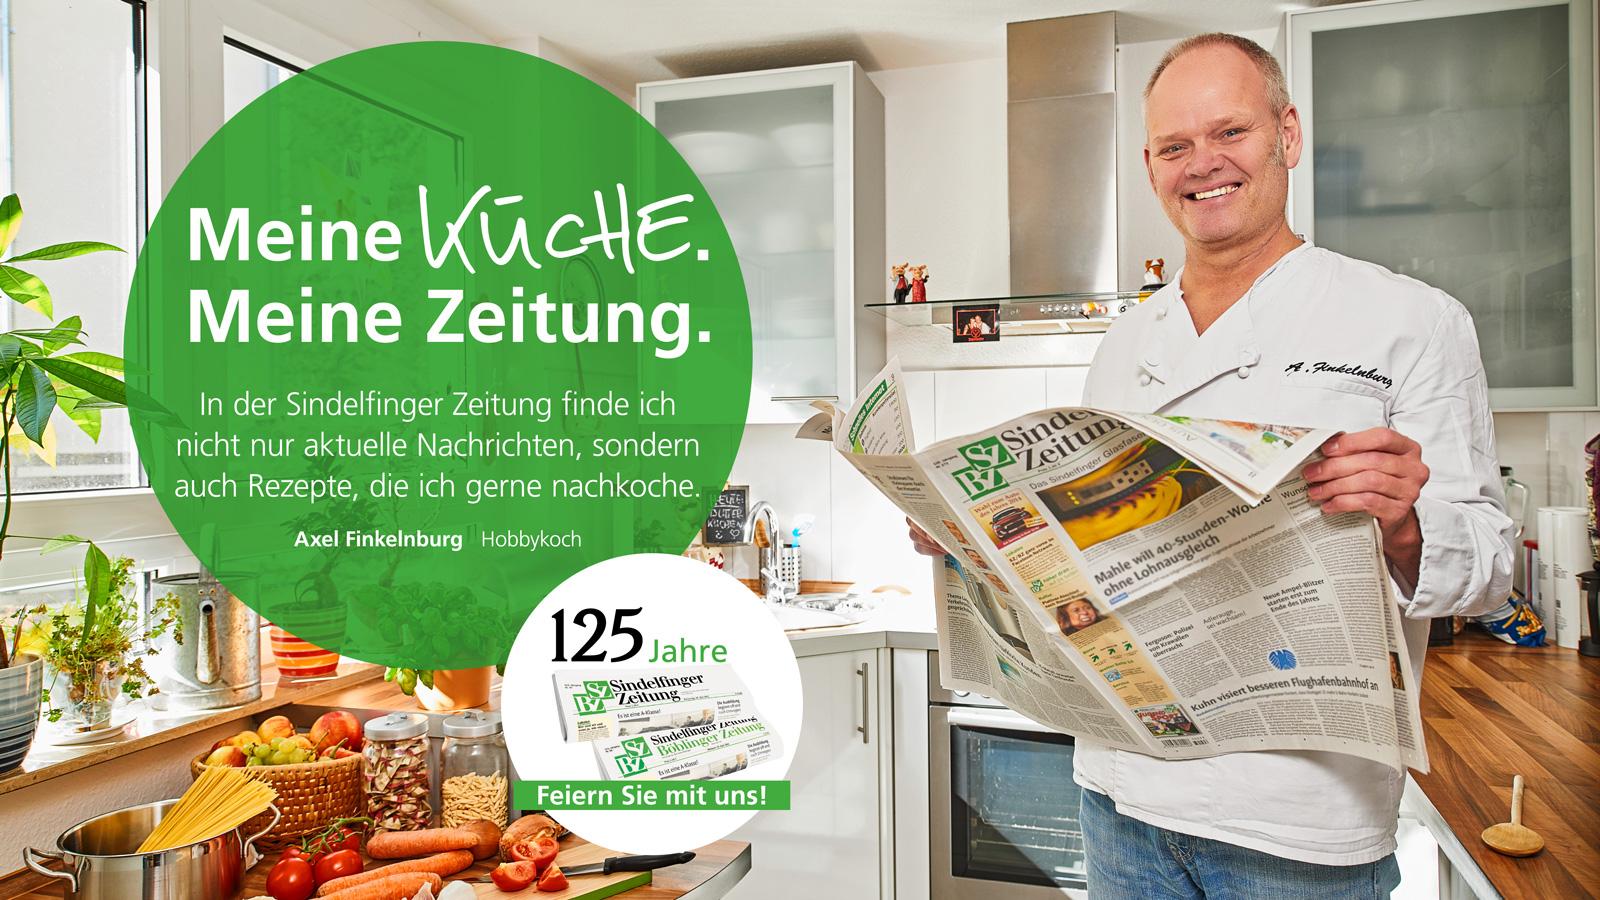 Hobbykoch Axel Finkelnburg für die SZ/BZ